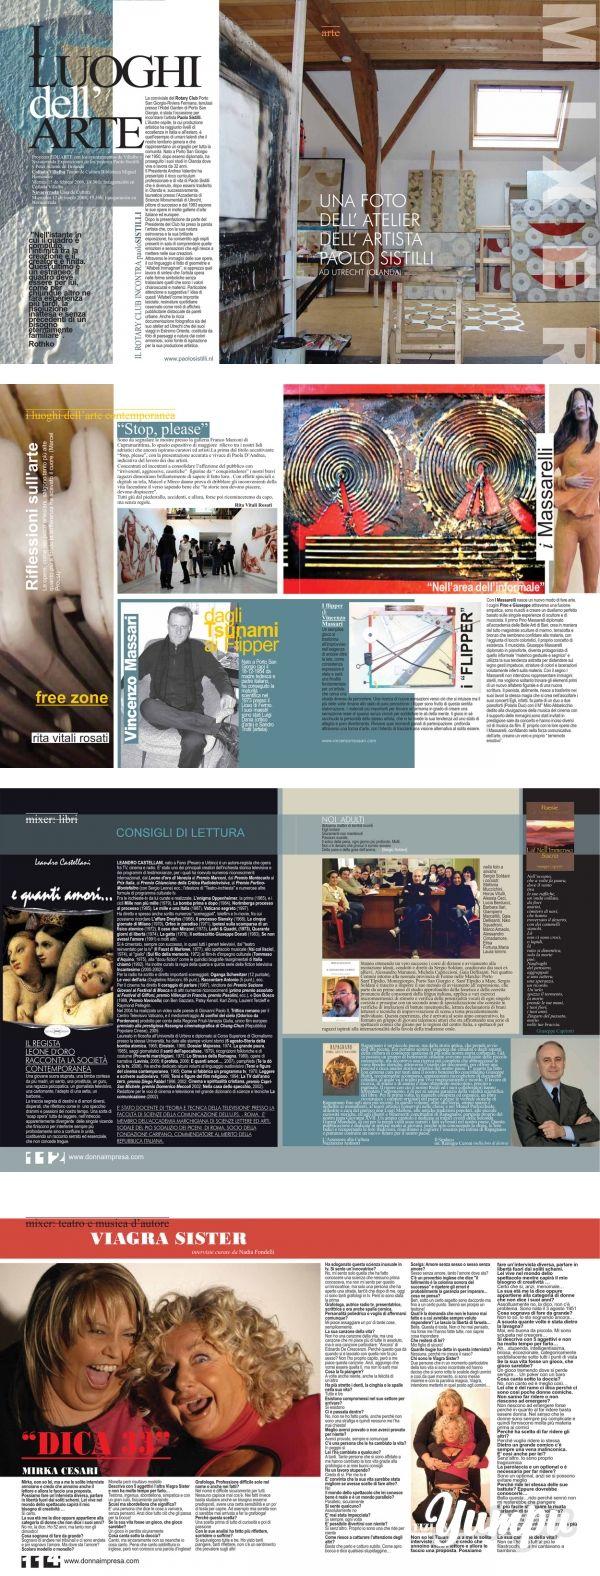 atelier dell' artista paolo sistilli - Donna Impresa Magazine - Magazine with 6 pages: atelier dell' artista paolo sistilli - Donna Impresa Magazine